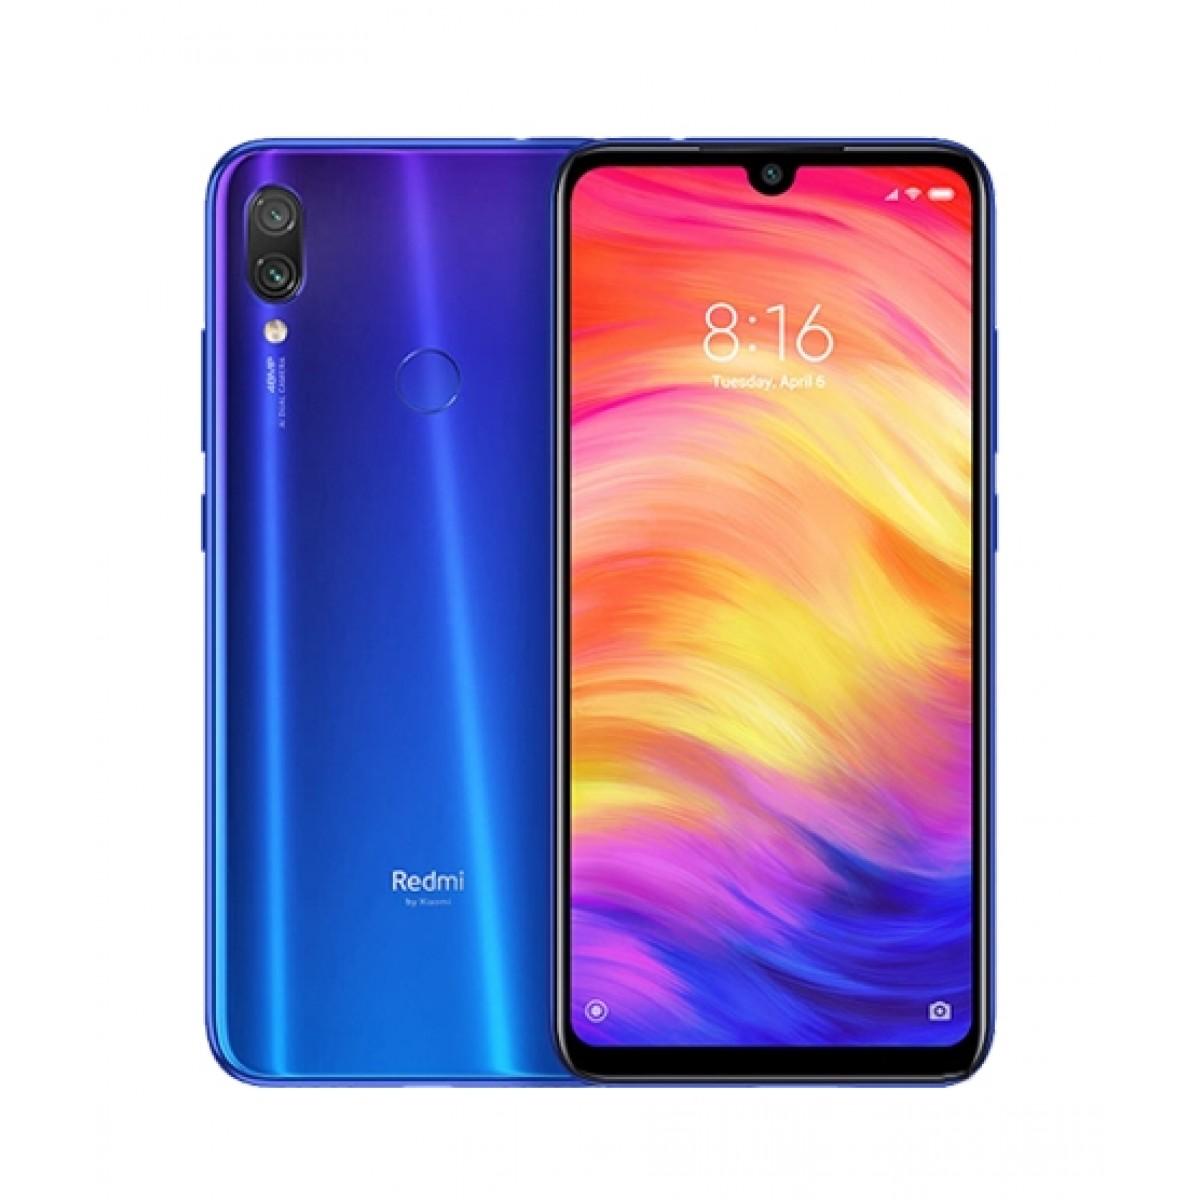 Xiaomi Redmi Note 7 64GB Dual Sim Neptune Blue - Non PTA Compliant